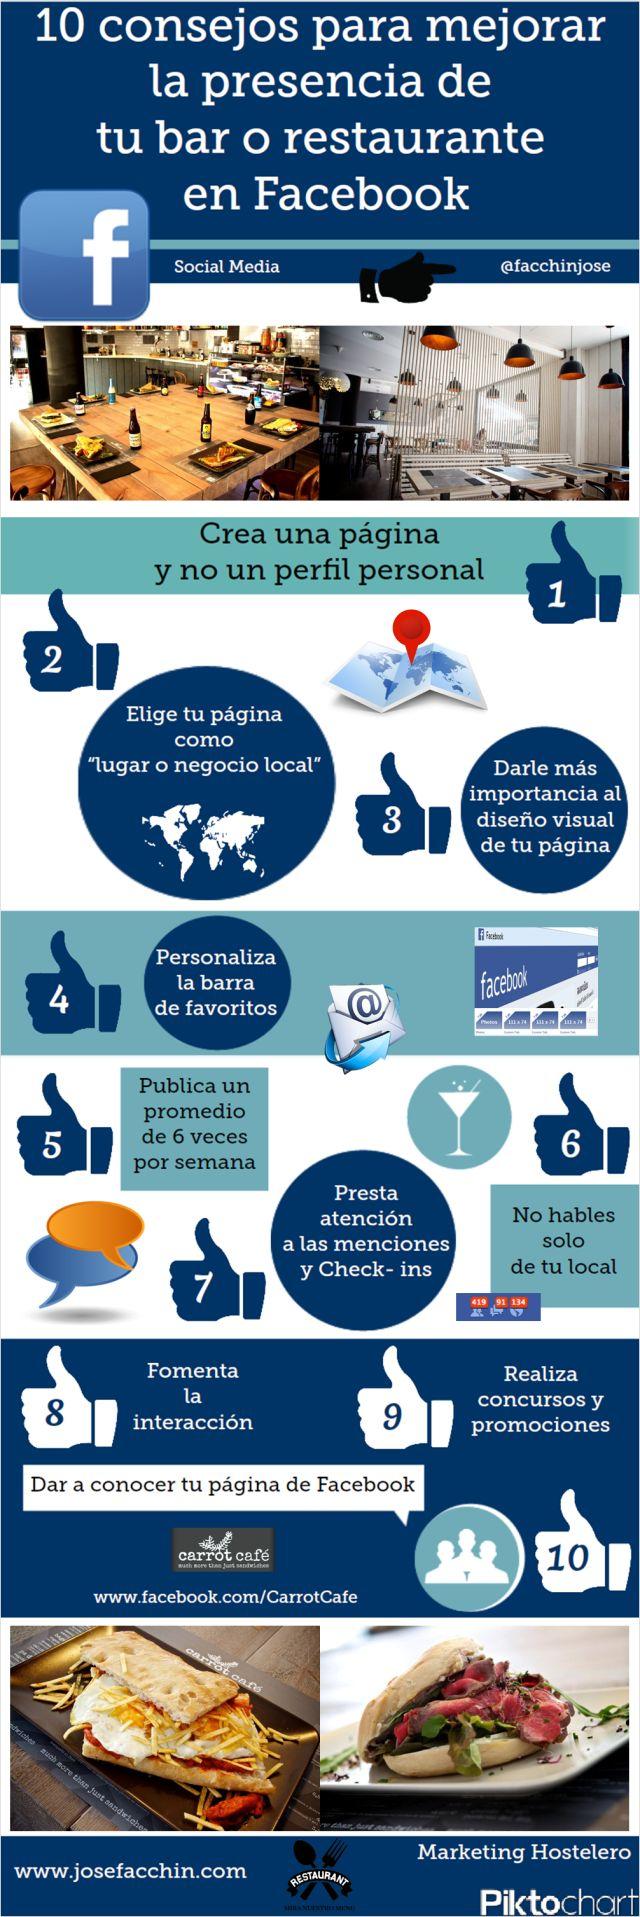 10 #consejos para mejorar tu bar o restaurante en #FaceBook